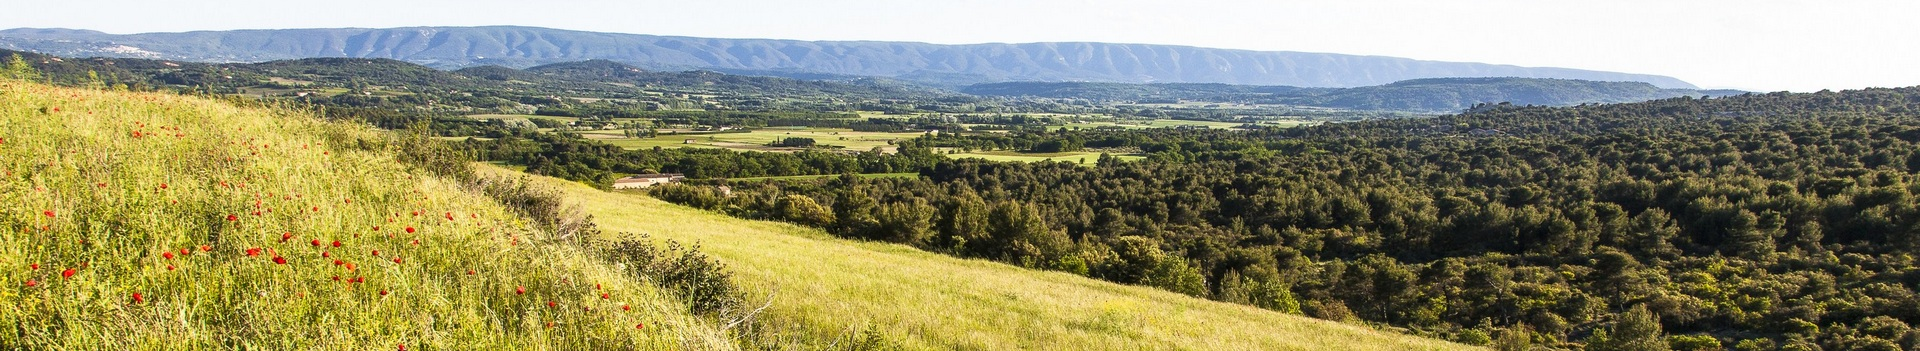 Forêt de Monts-de-Vaucluse et vallée du Calavon